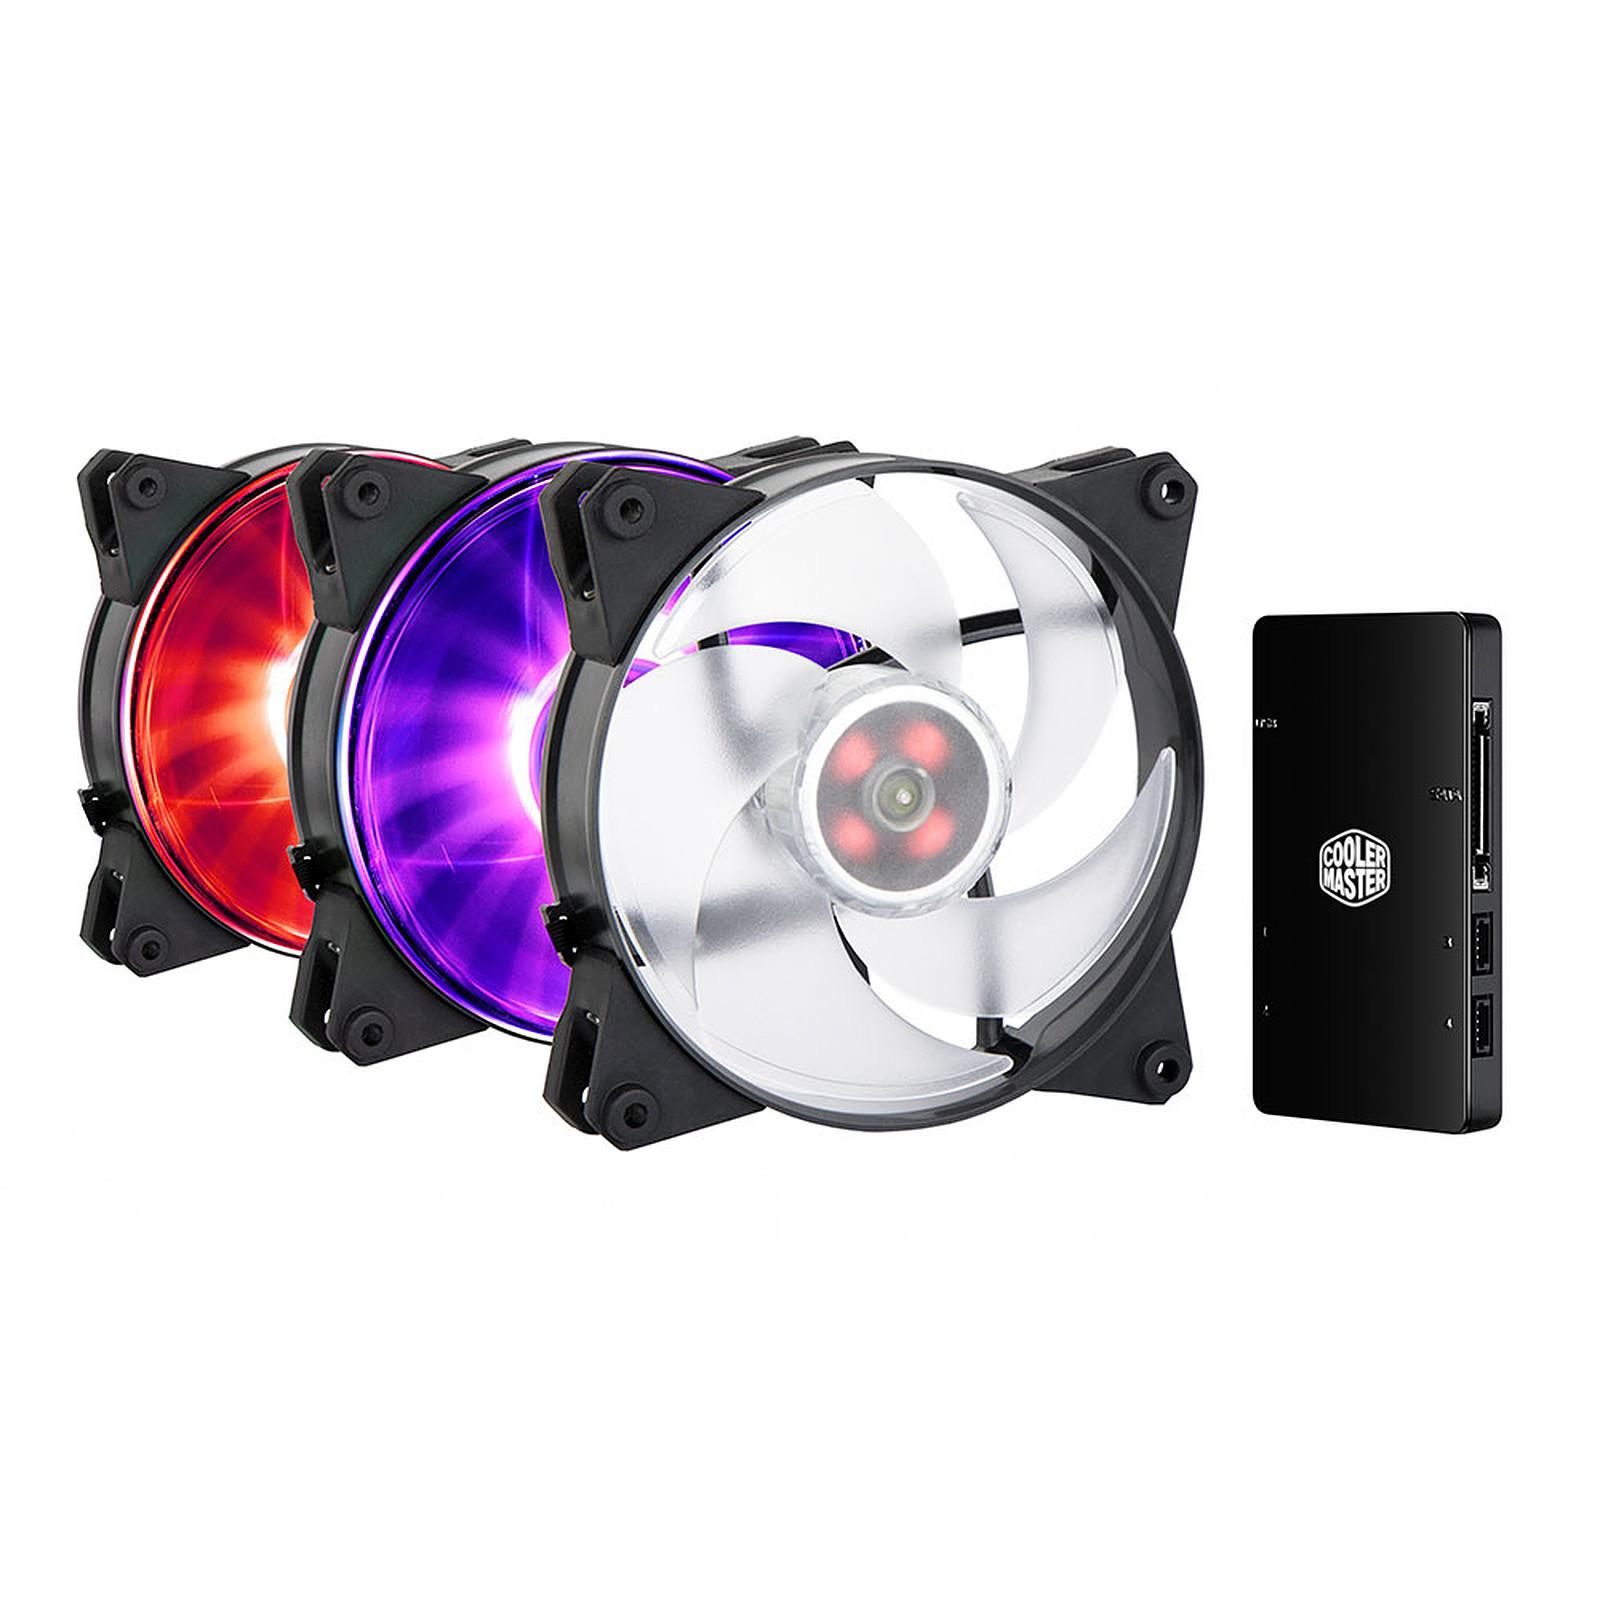 Cooler Master Masterfan Pro 120 AP RGB 3 in 1